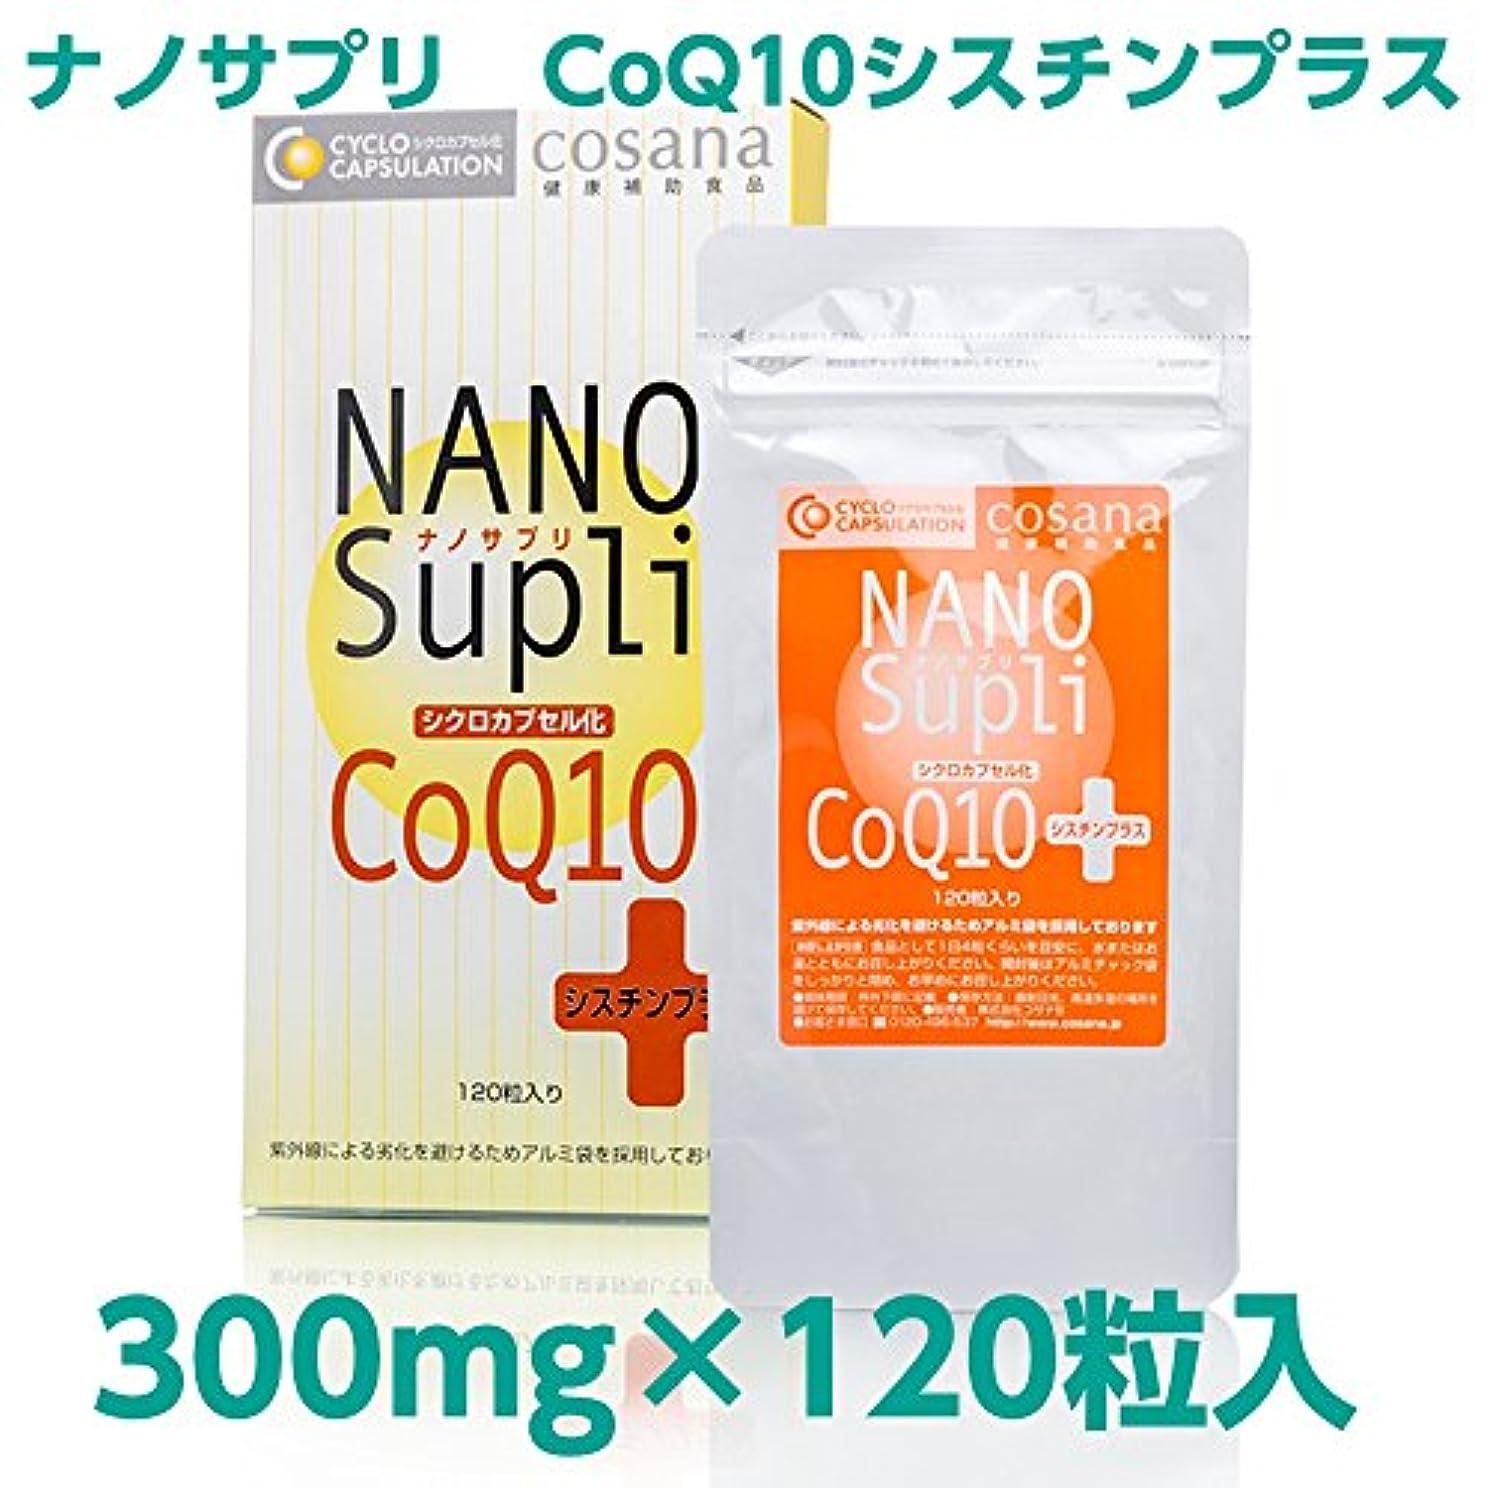 完璧小康レンドナノサプリシクロカプセル化CoQ10 シスチンプラス